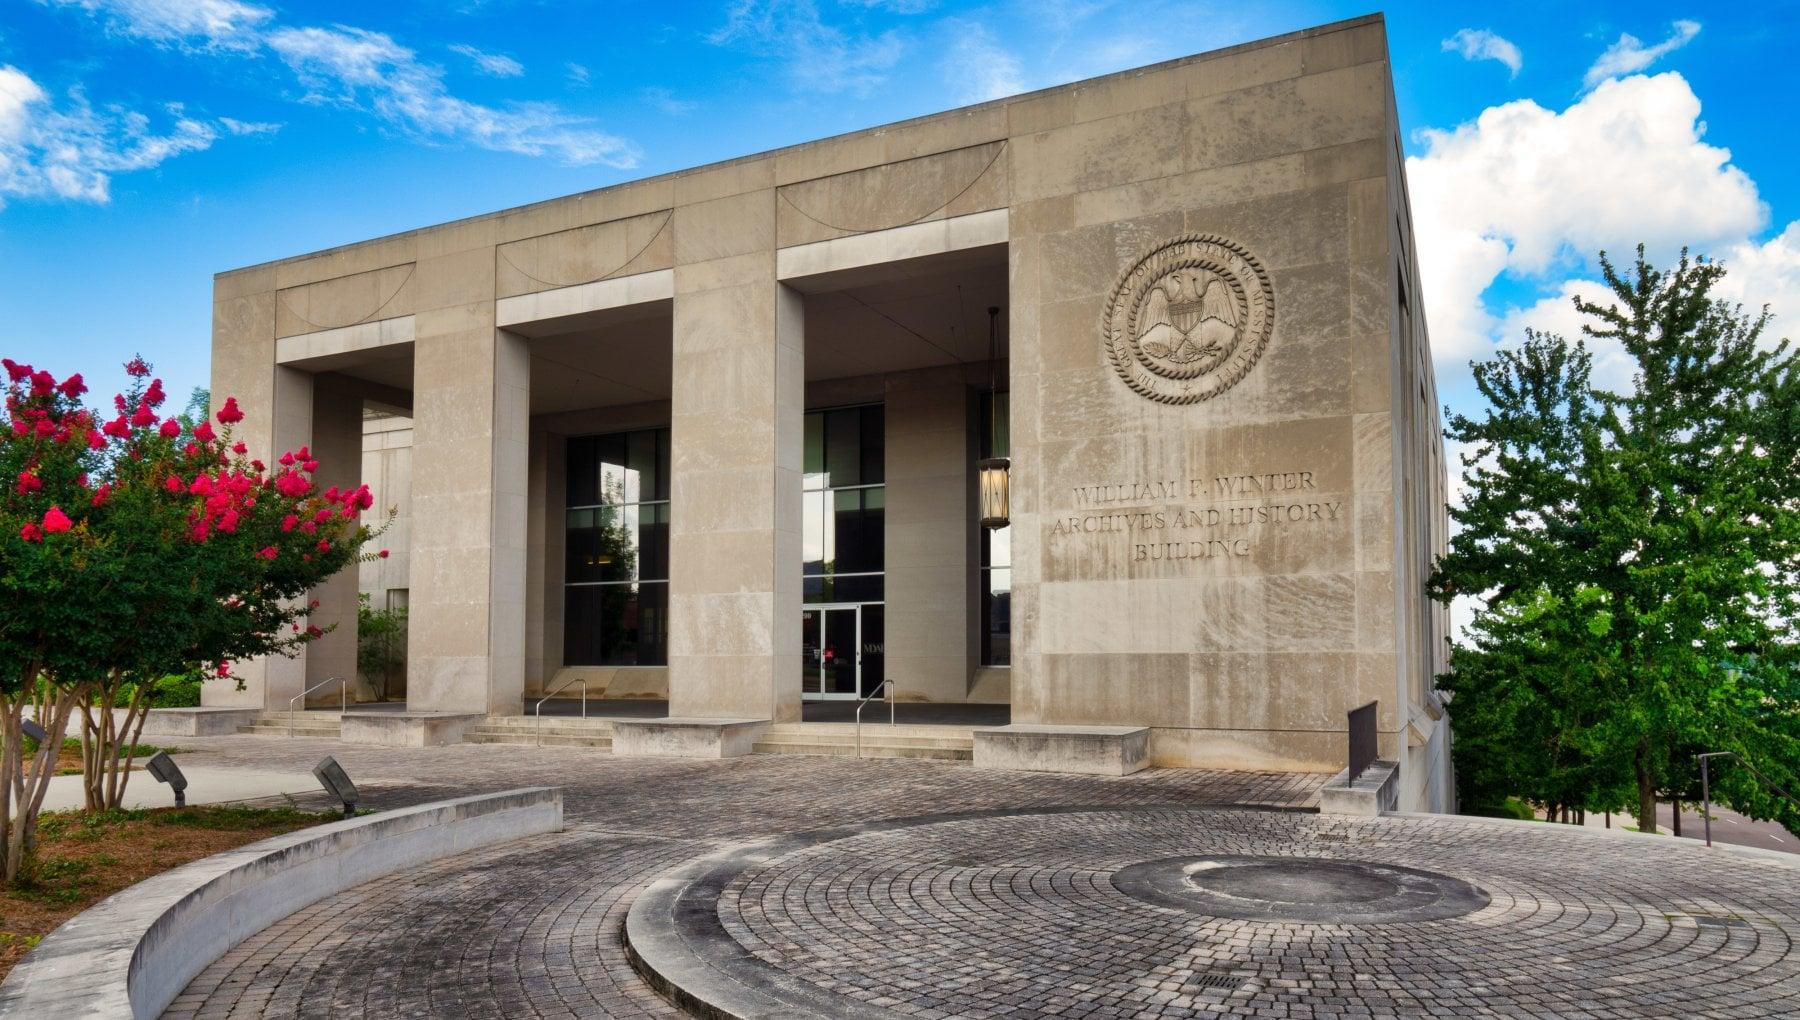 202103837 479faf09 fa70 408b a6a3 e592651fbc7b - Il ritorno delle spoglie dei nativi Chickasaw: così il Mississippi si riconcilia con il passato